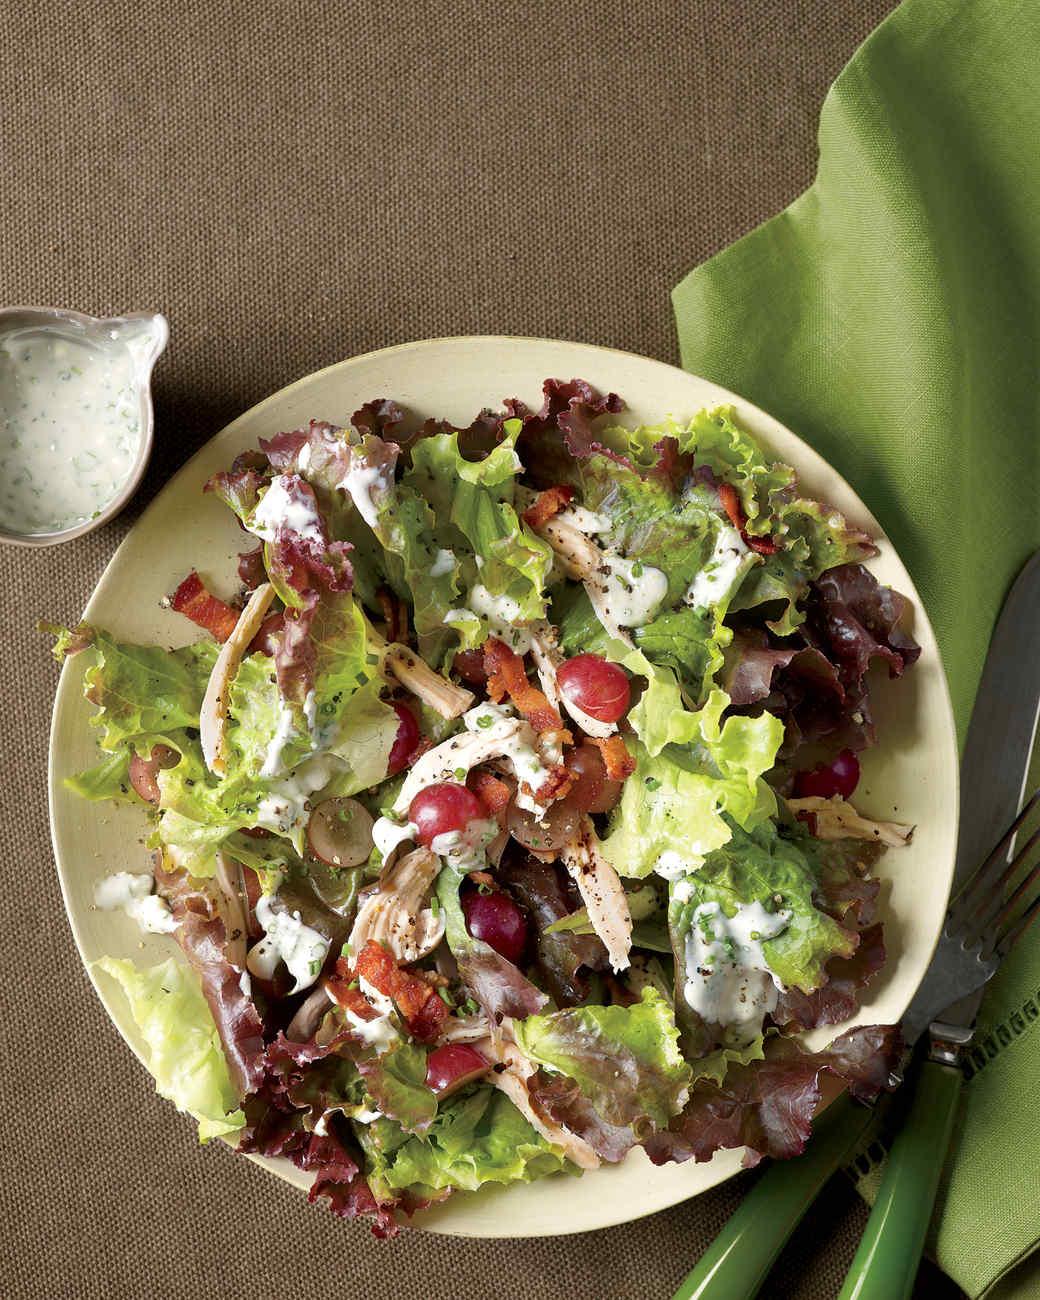 chicken-grape-salad-med107742.jpg